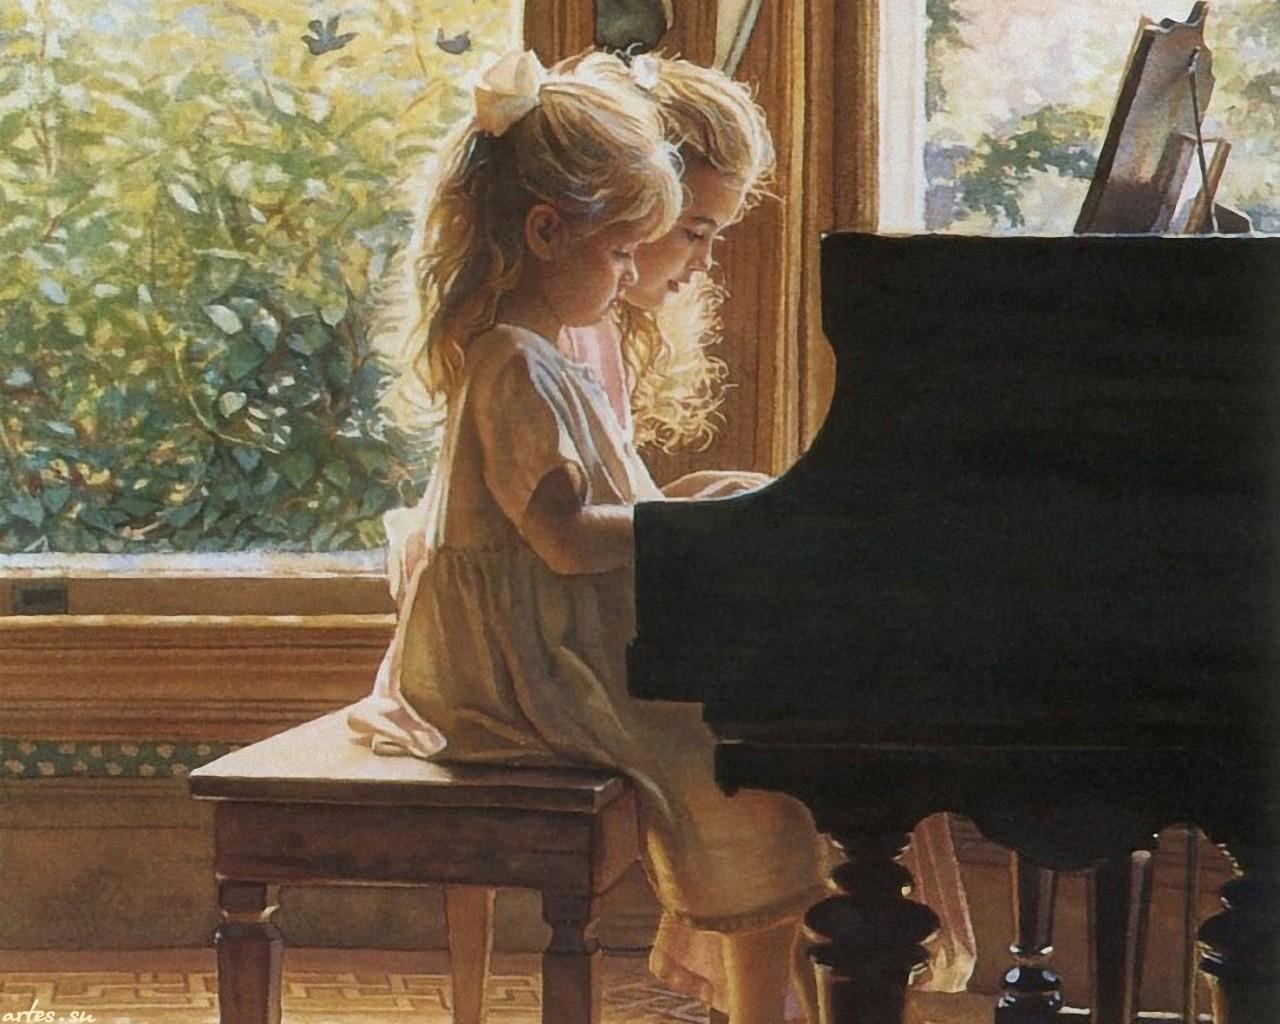 bé 5 tuổi có thể chơi đàn piano